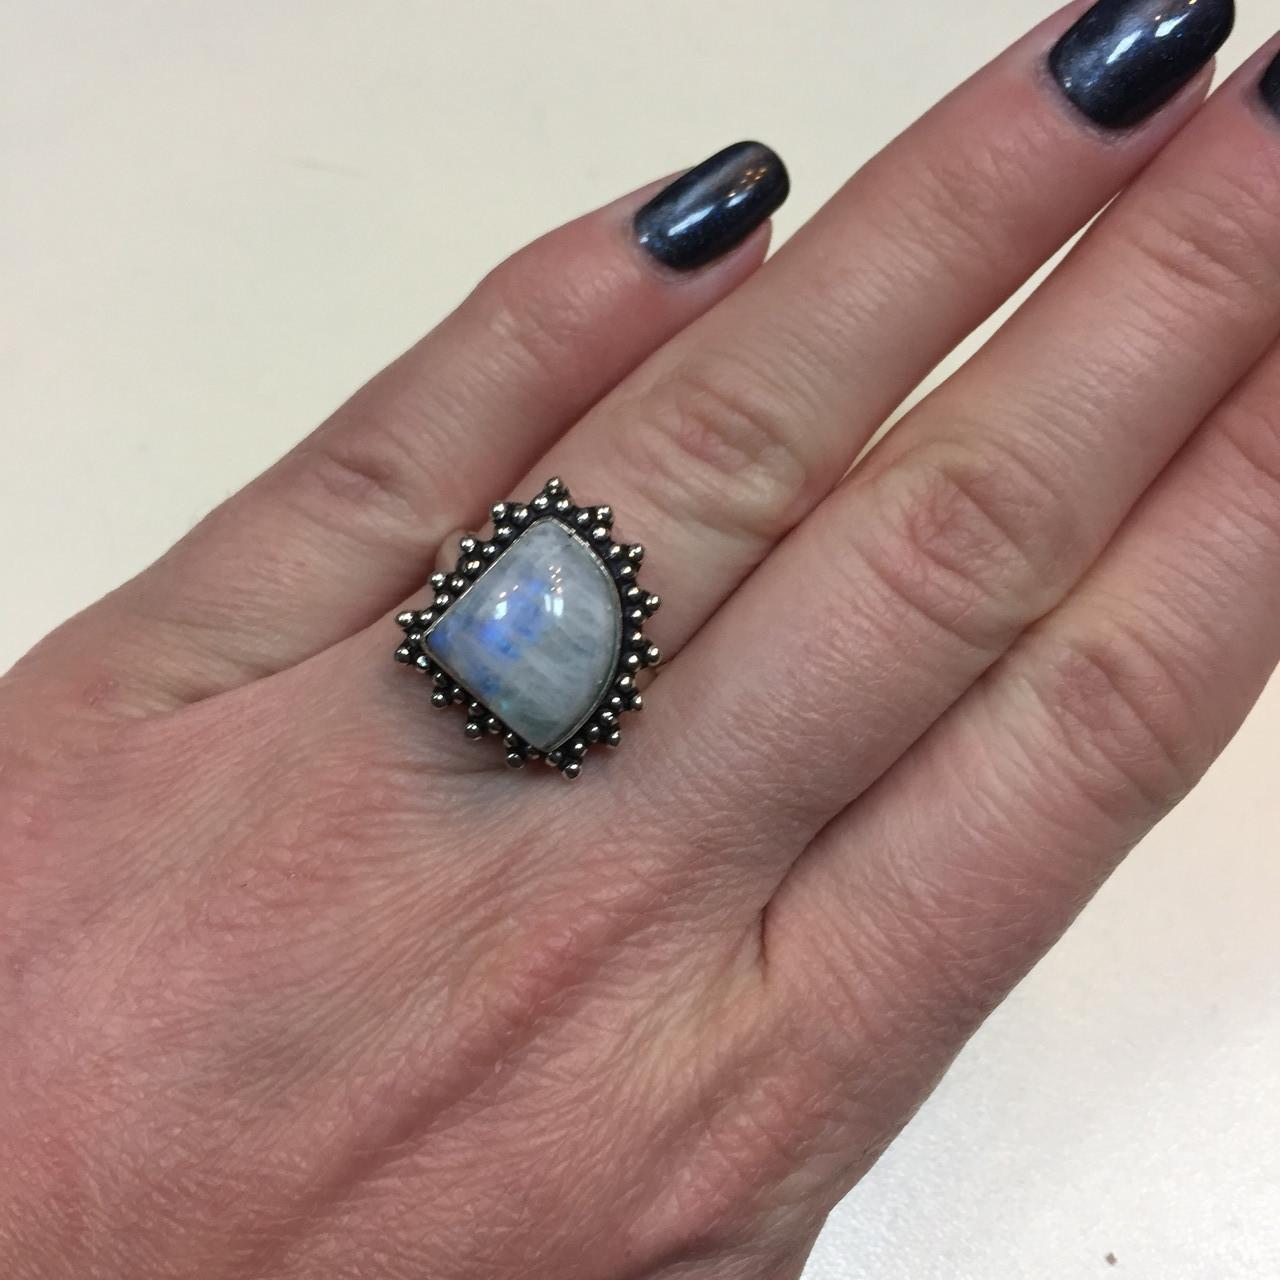 Кольцо натуральный лунный камень в серебре. Кольцо с лунным камнем 16-16,5 размер Индия